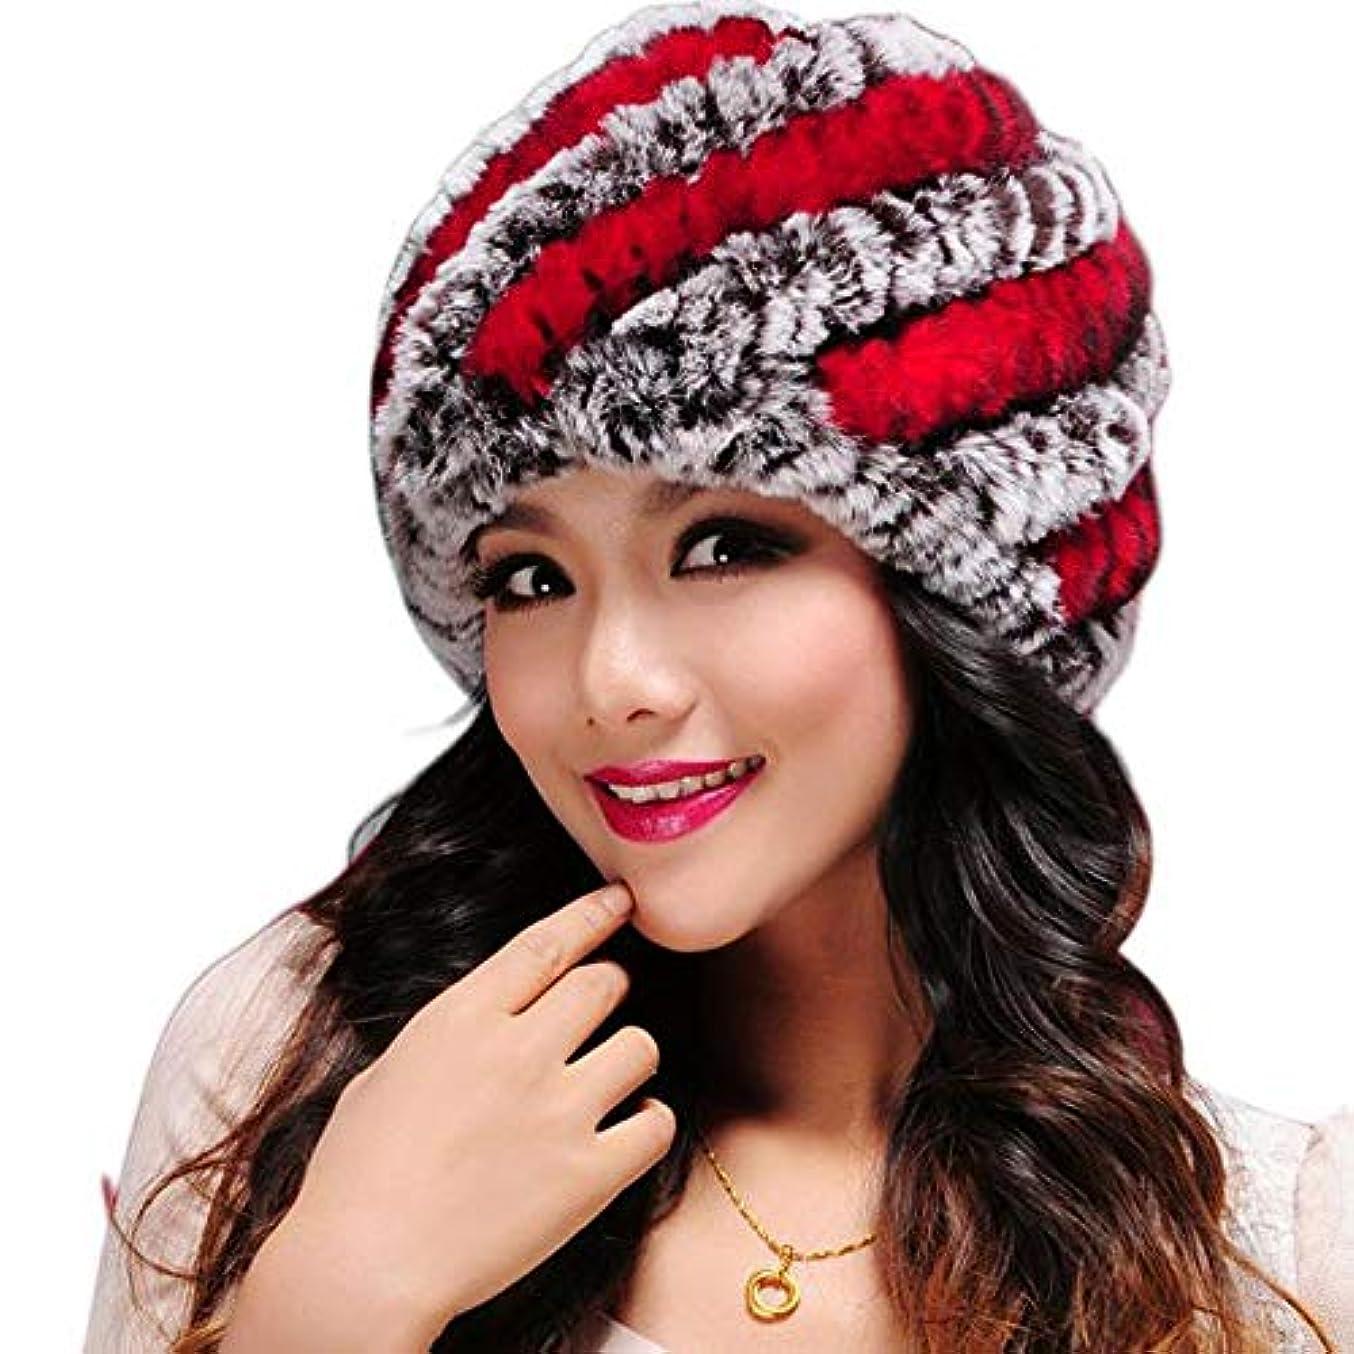 する必要があるアレルギー性チチカカ湖Racazing Hat 選べる5色 編み物 レックスウサギの髪 ニット帽 ストライプ 防寒対策 通気性のある 防風 ニット帽 暖かい 軽量 屋外 医療用帽子 スキー 自転車 クリスマス Unisex Cap 男女兼用...